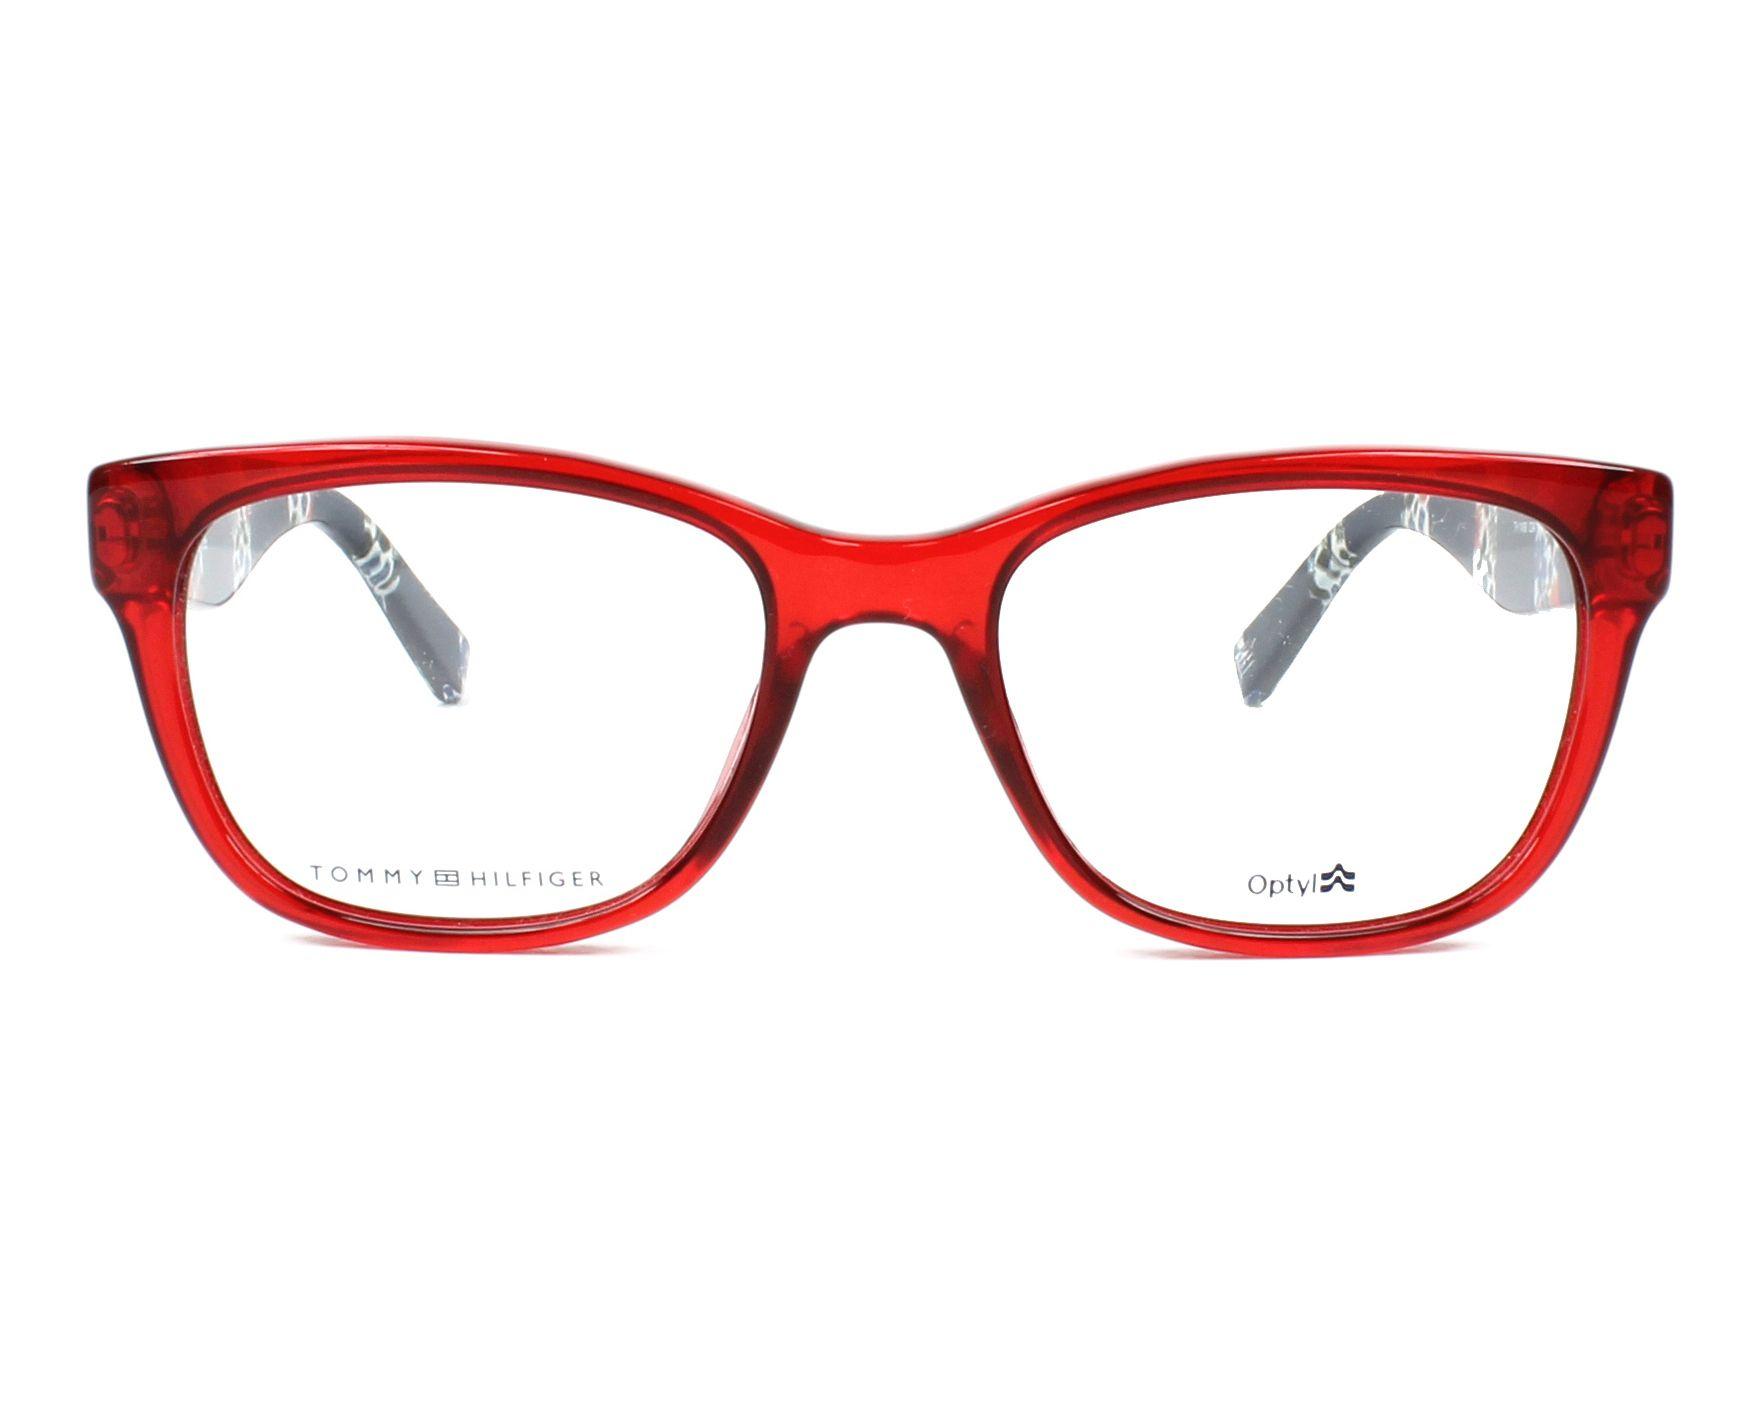 lunettes de vue tommy hilfiger th 1498 c9a rouge. Black Bedroom Furniture Sets. Home Design Ideas